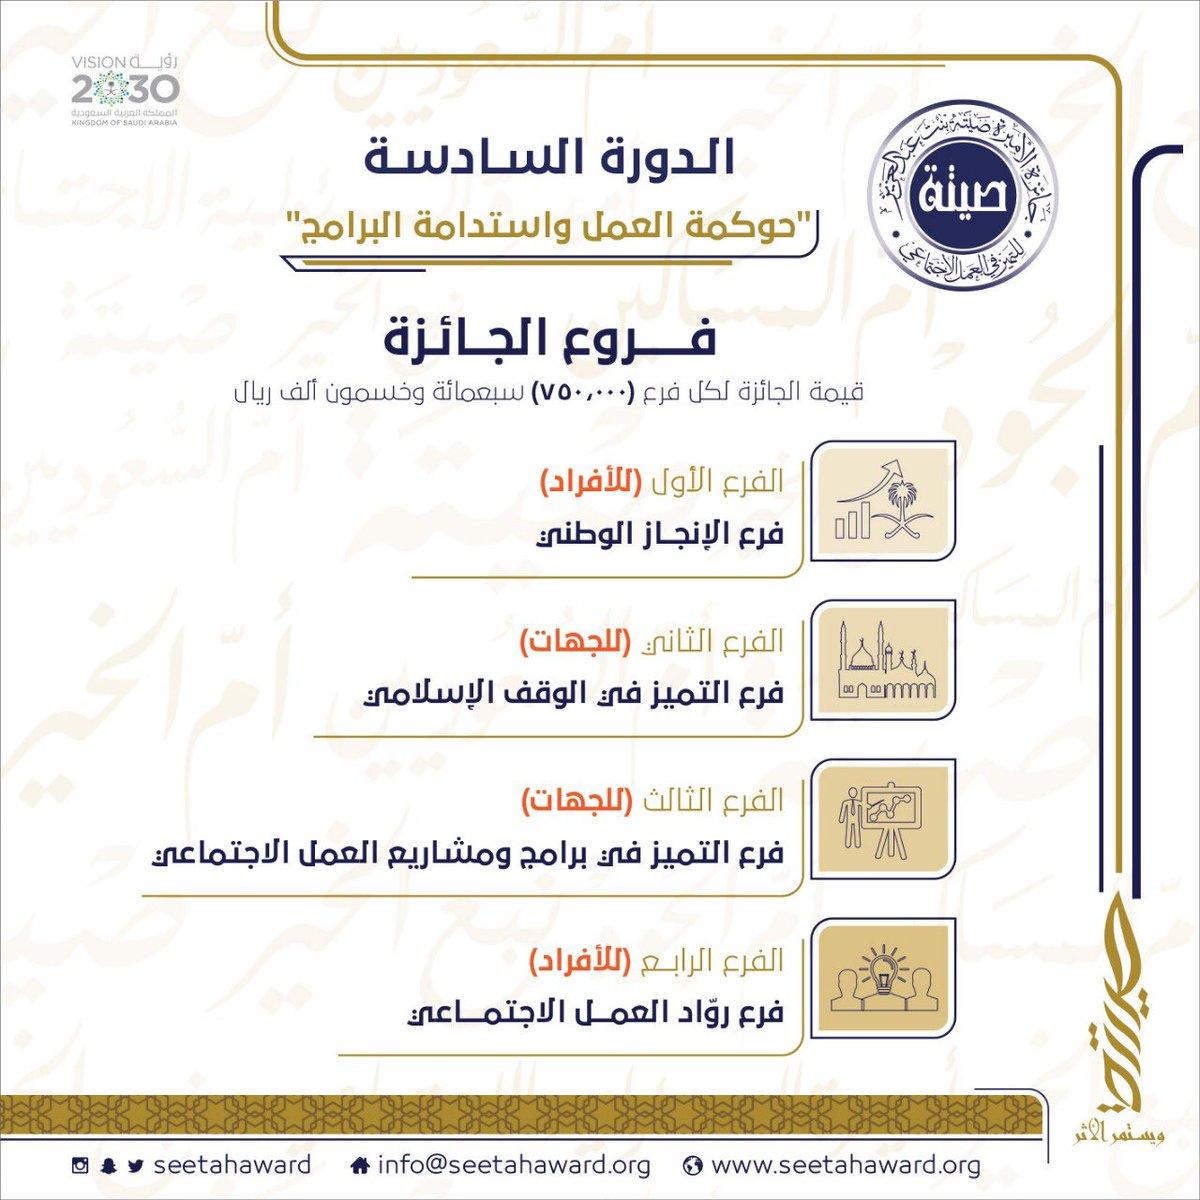 >فروع جائزة الأميرة صيتة للتميز في العمل الاجتماعي في دورتها السادسة (حوكمة العمل واستدامة البرامج)